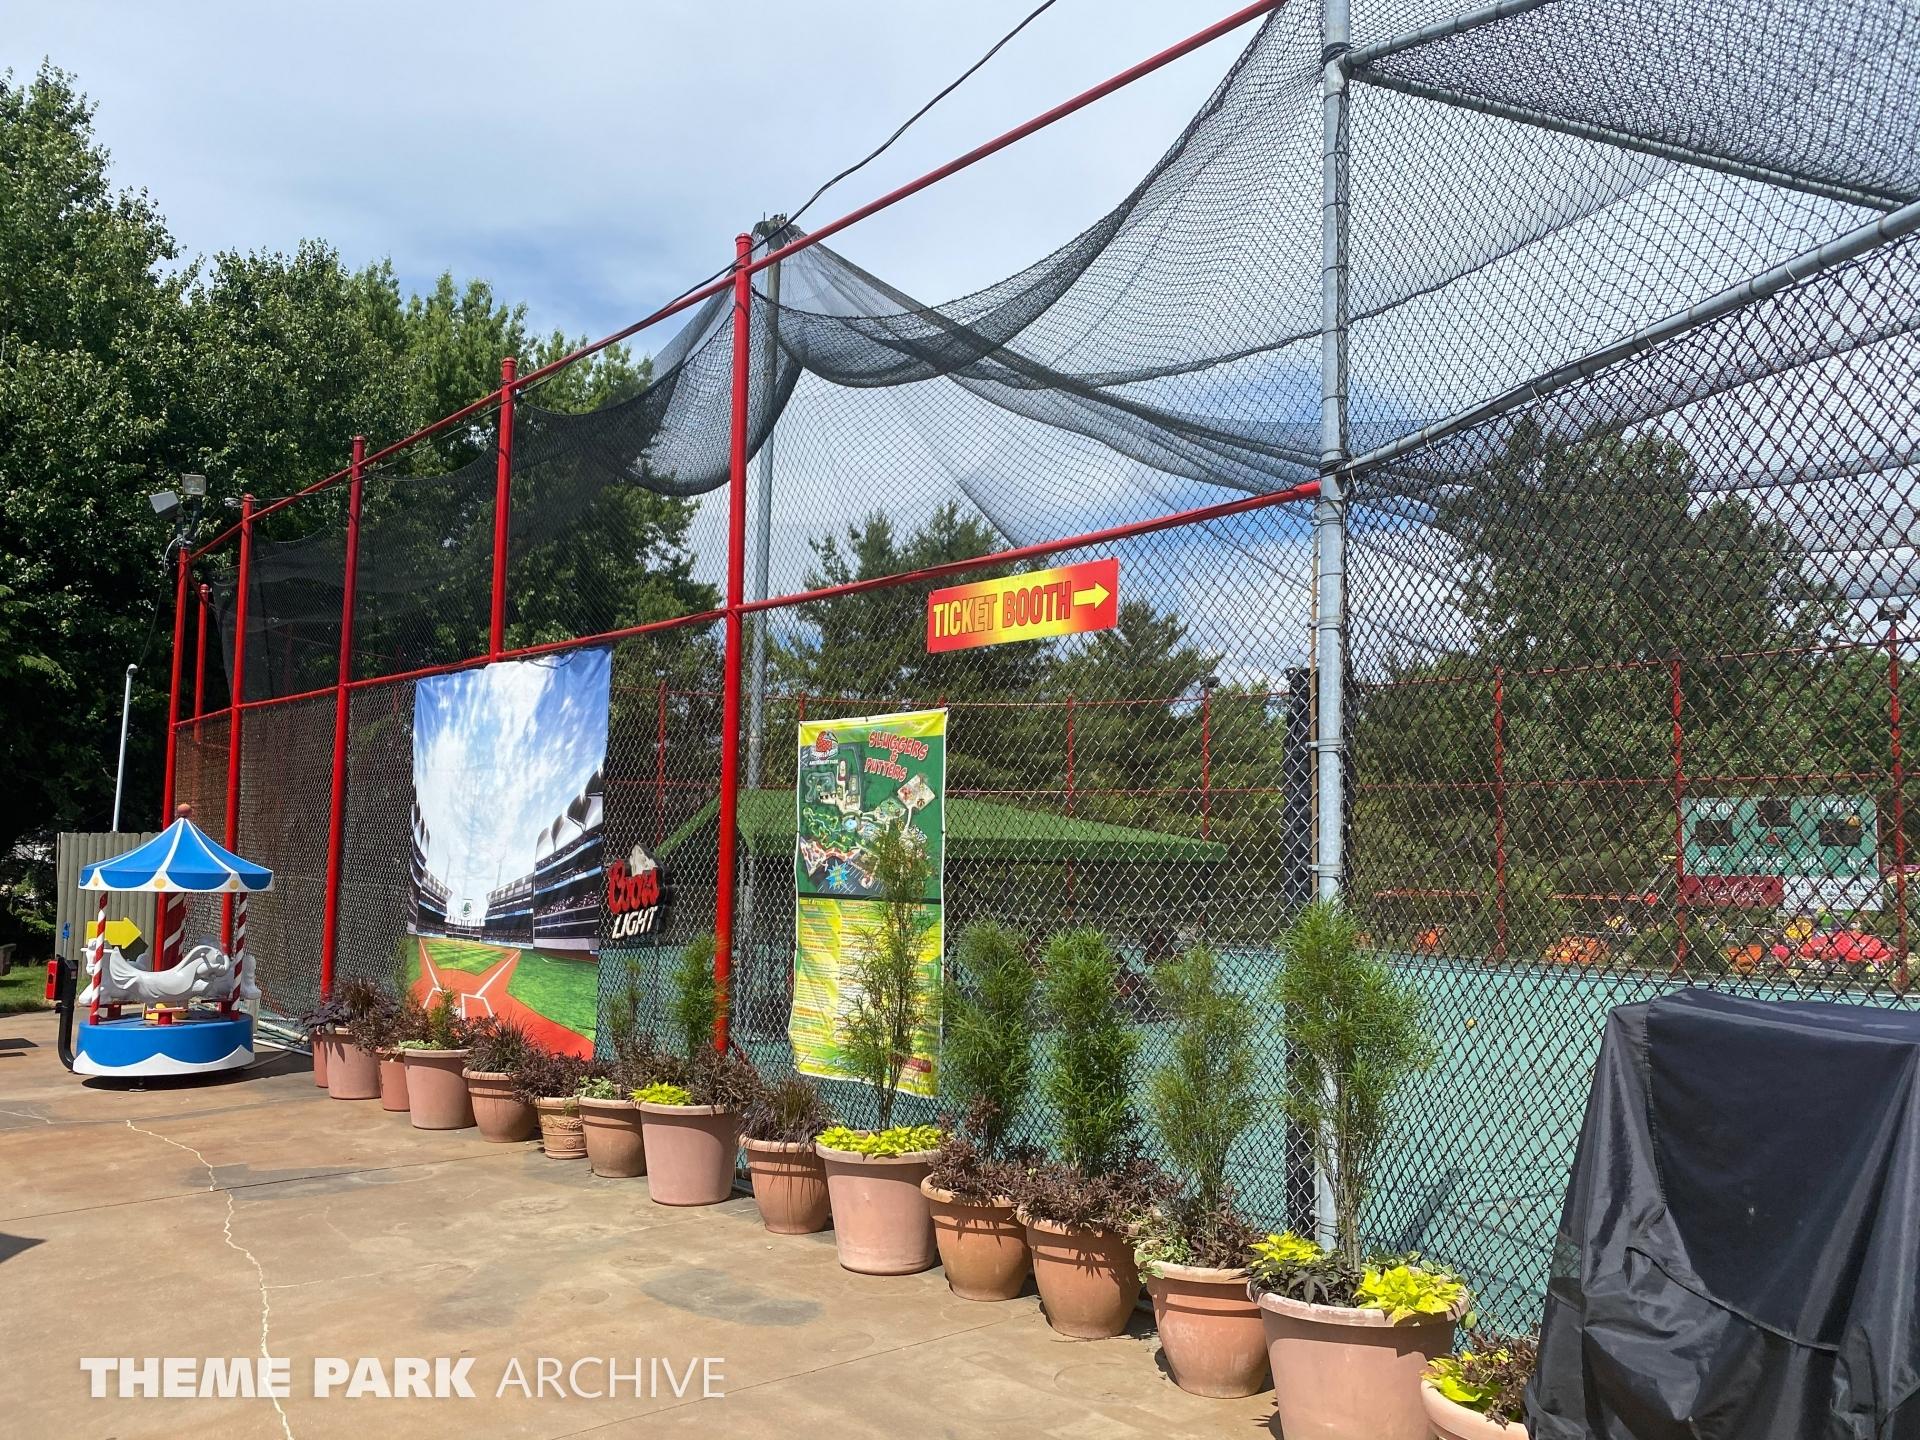 Batting Cages at Sluggers & Putters Amusement Park